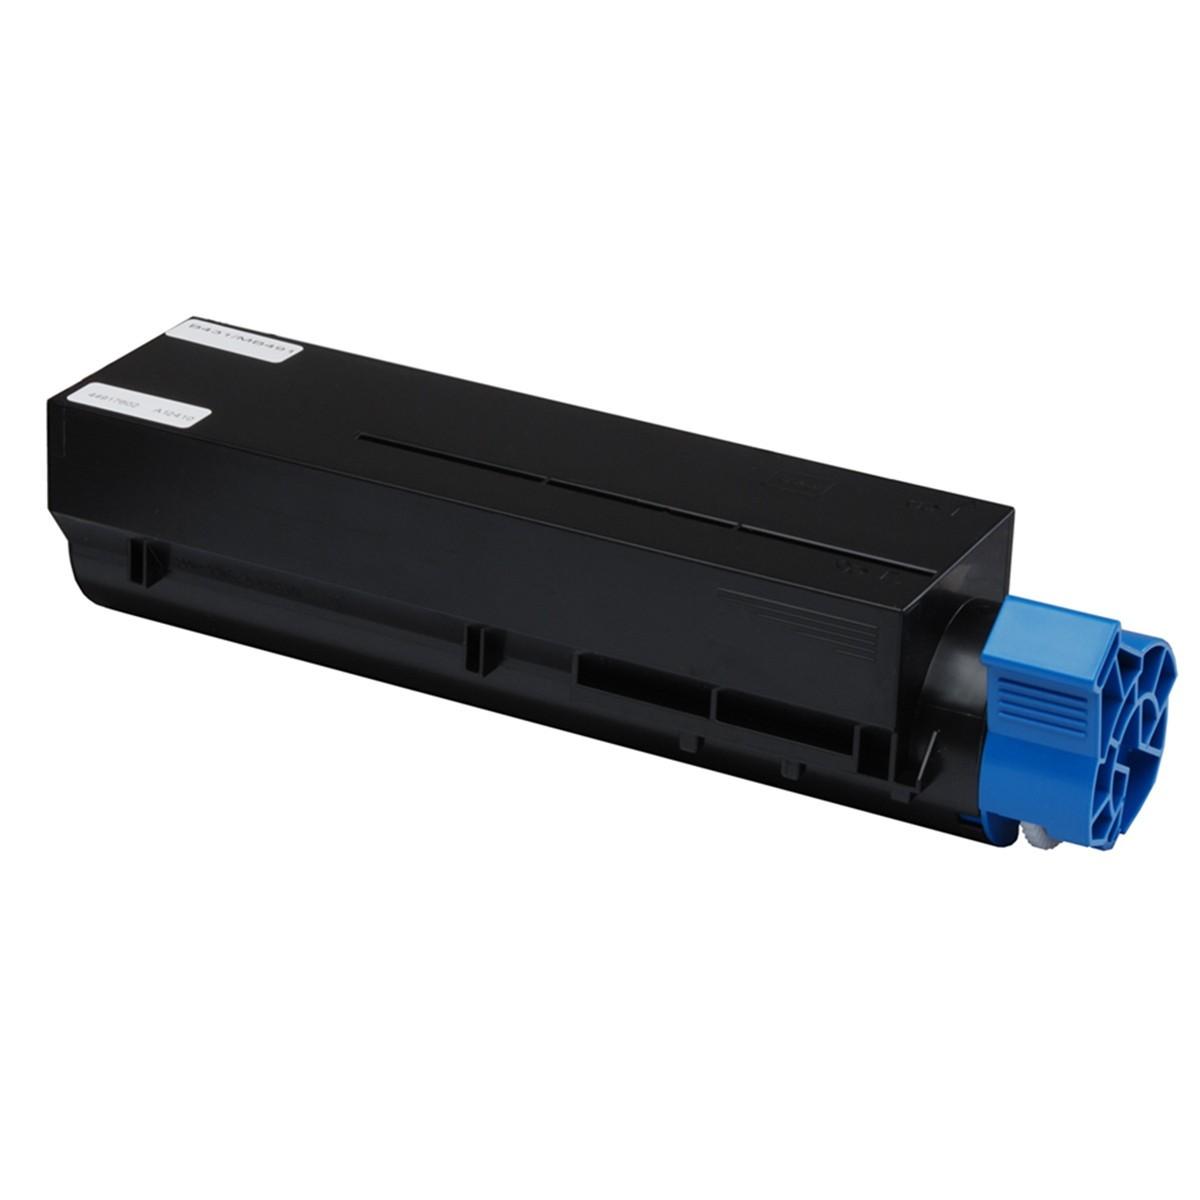 Compativel: Toner novasupri Okidata ES5112 ES4172 ES5162 ES5112 ES4172LP 45807129 45807115 12k